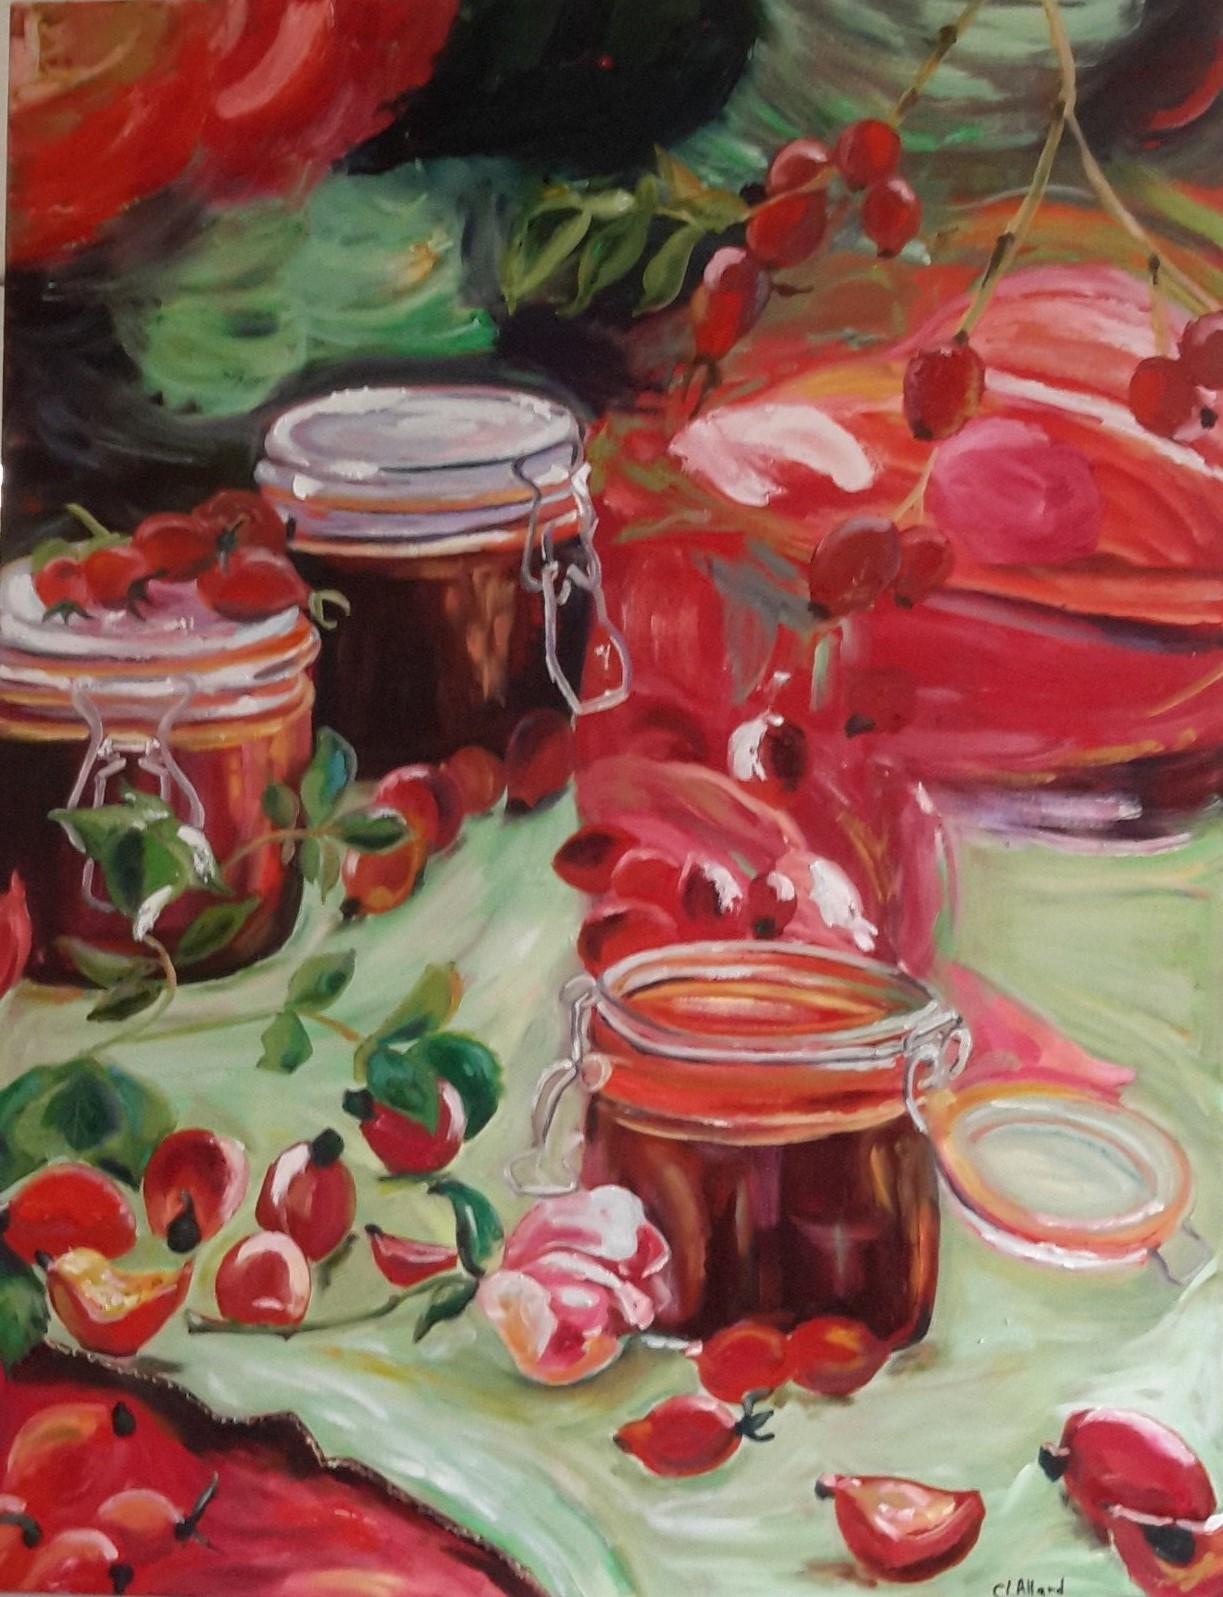 Les confitures, peinture à l'huile